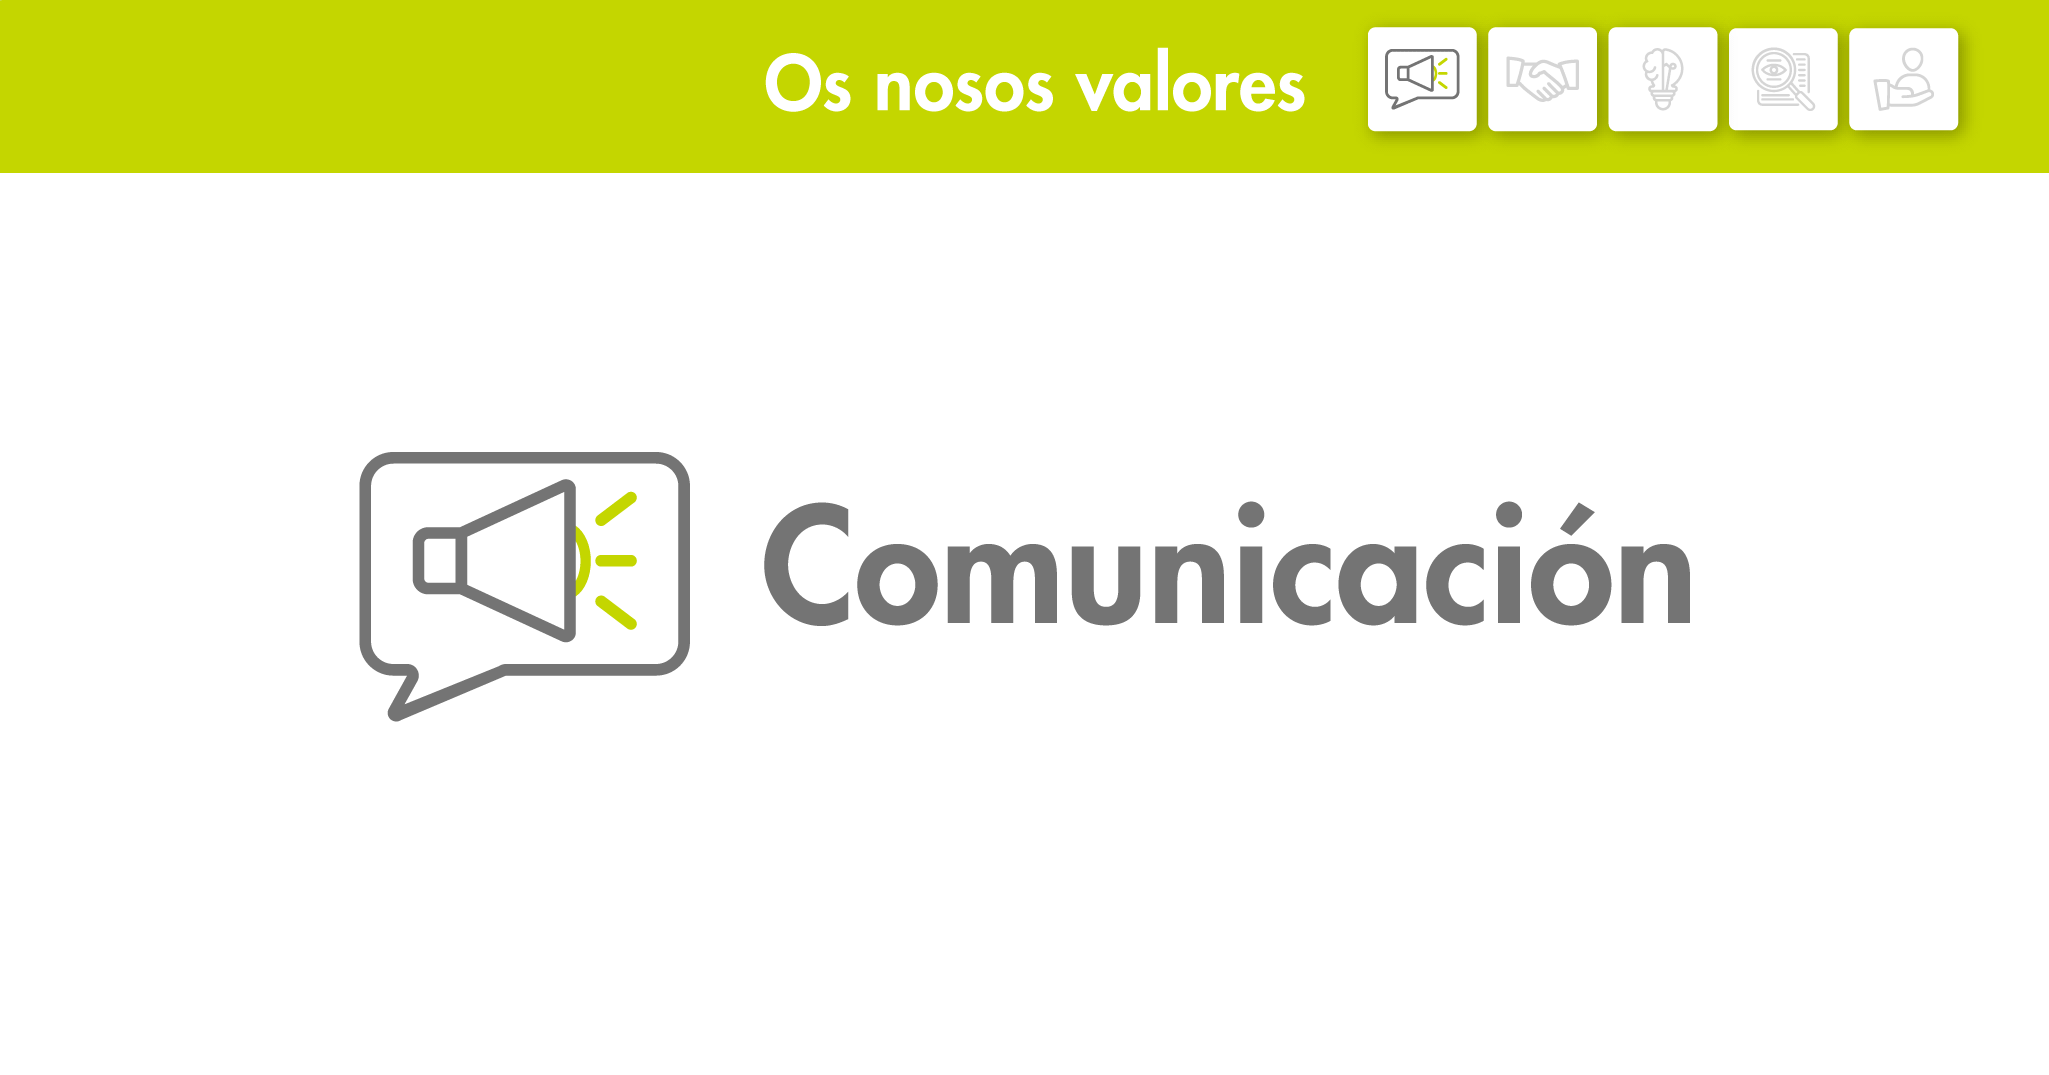 Os nosos valores: Comunicación